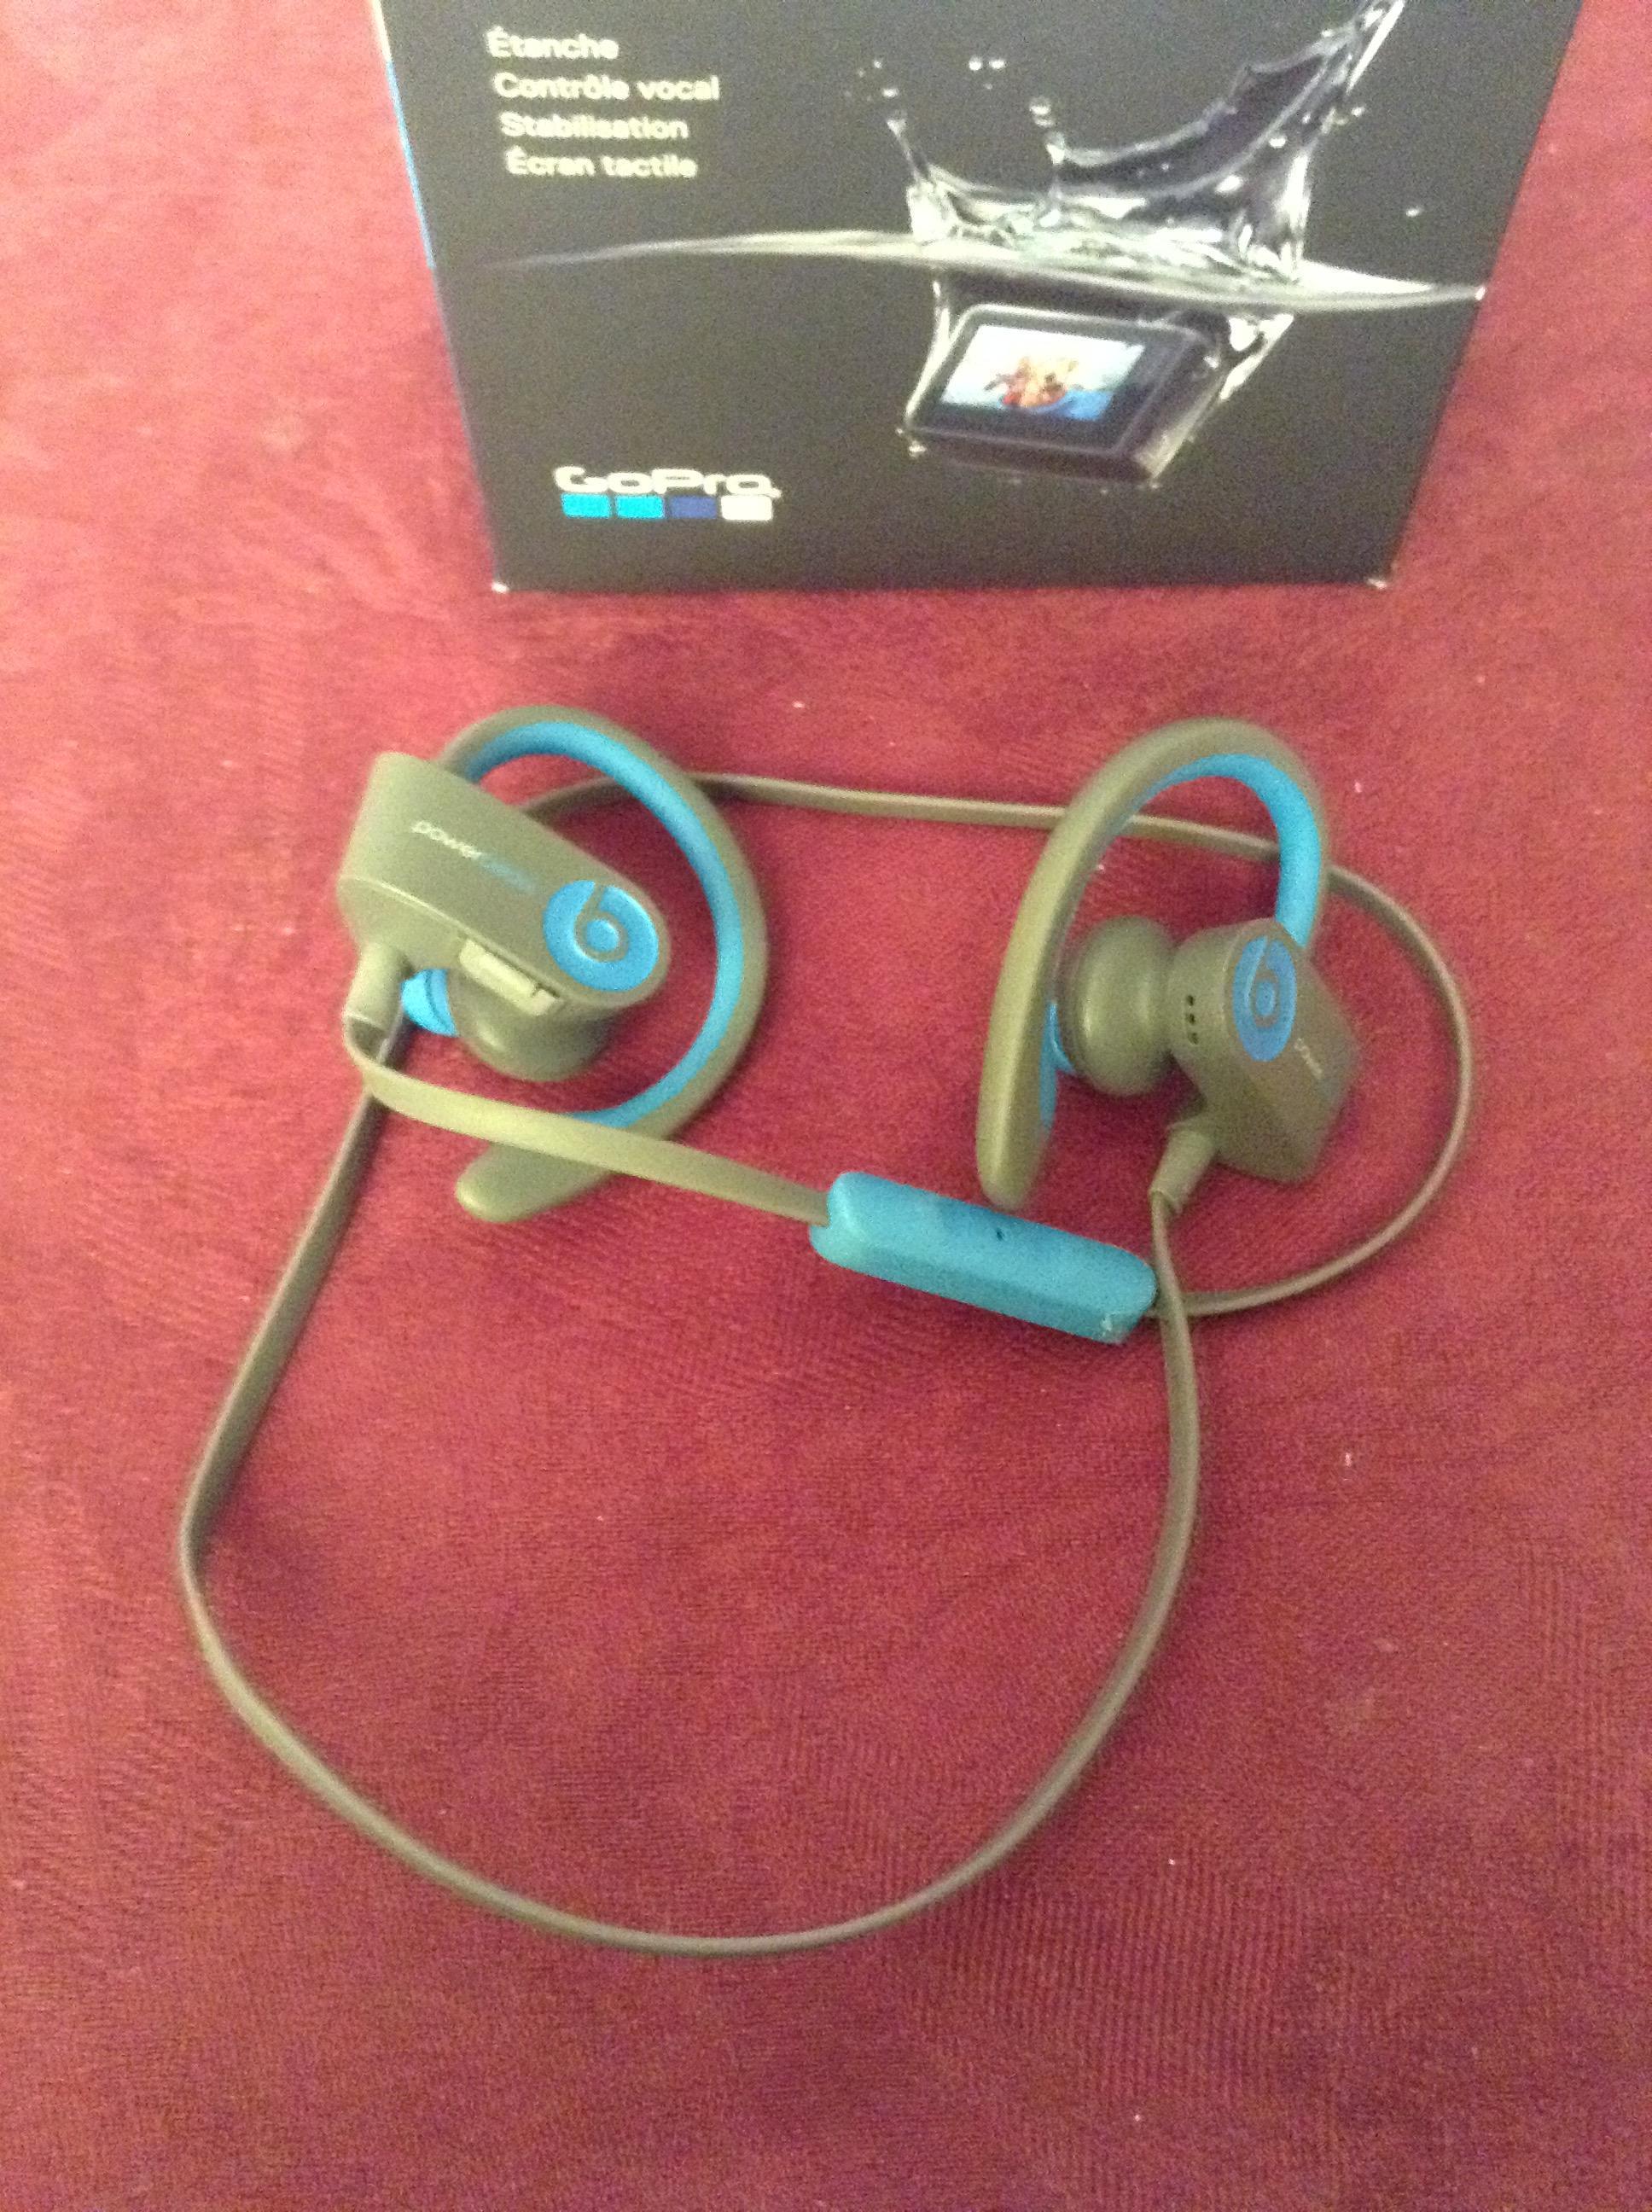 powerbeats2 wireless earbuds